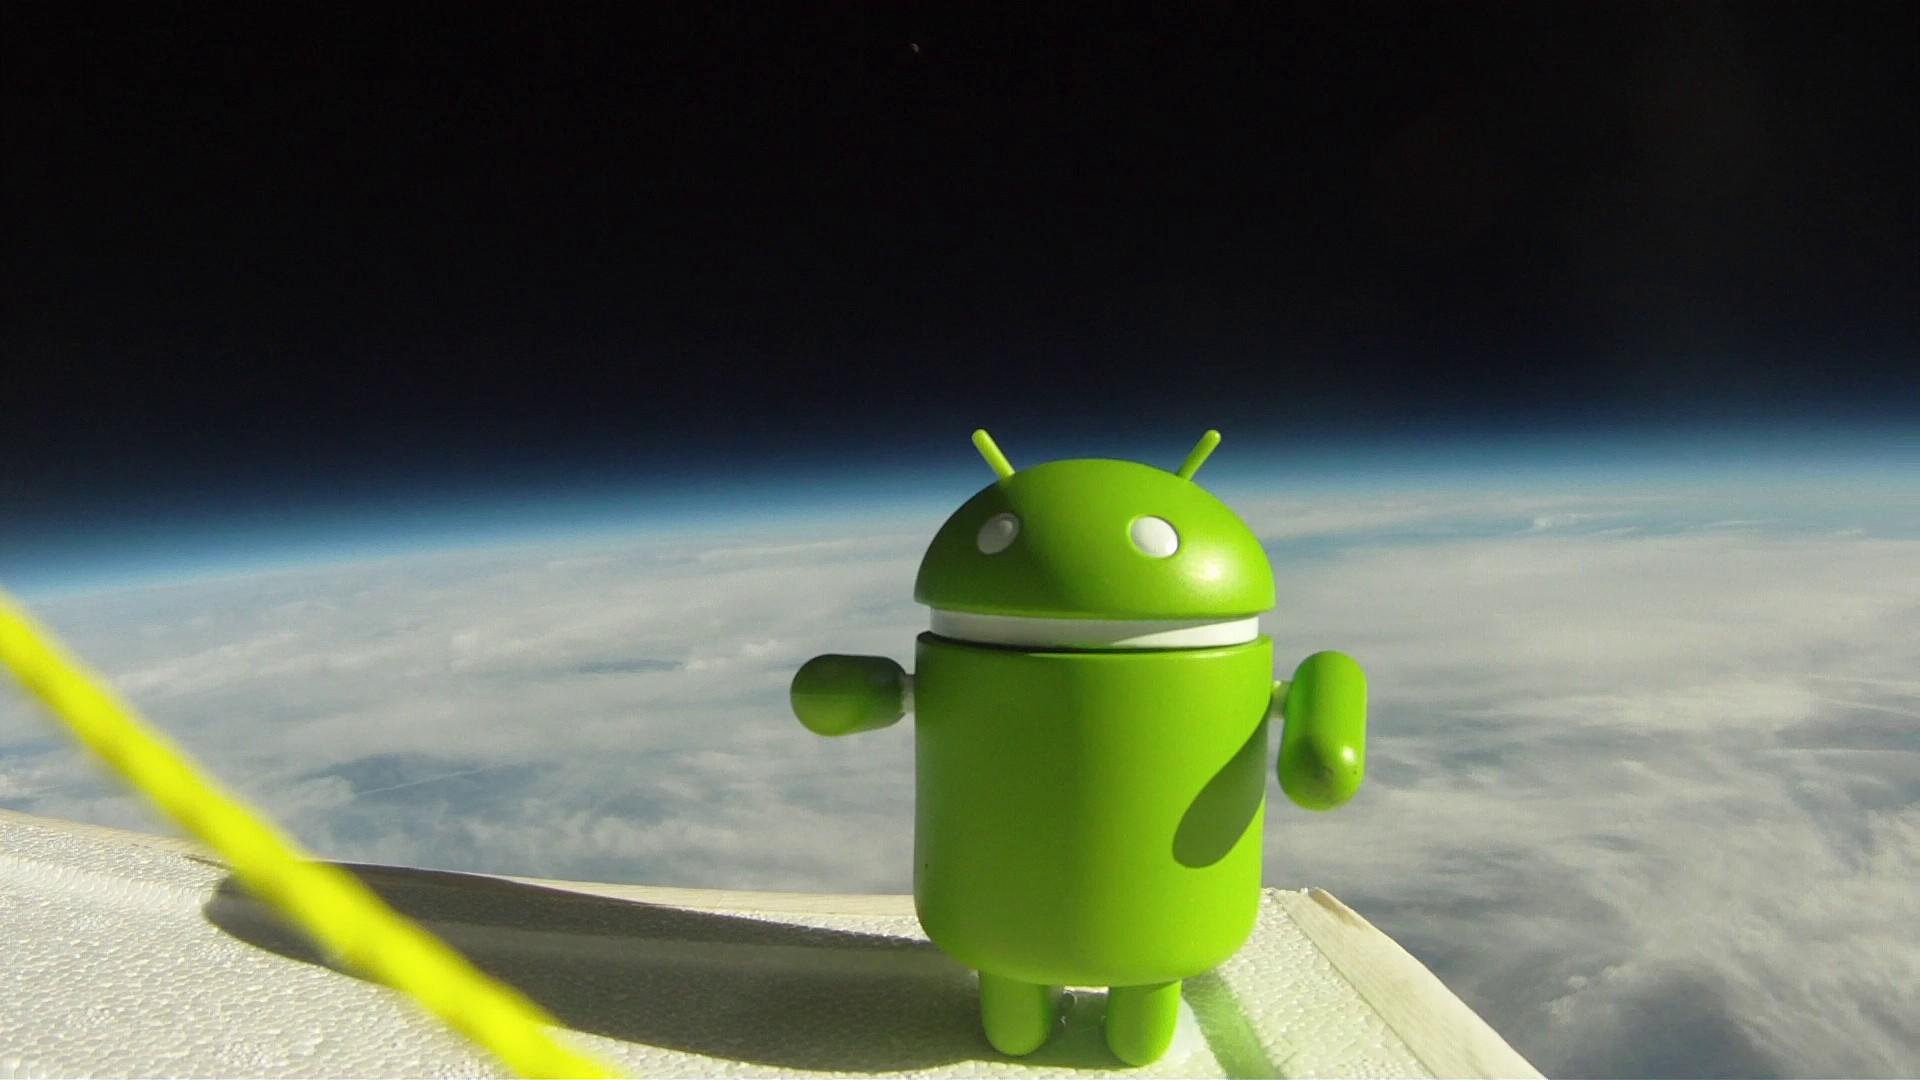 http://3.bp.blogspot.com/-nWOsmBBK1BQ/UDnfBtPEfsI/AAAAAAAAD_s/Ednz8CZLt_0/s1920/android-in-space1080.jpg